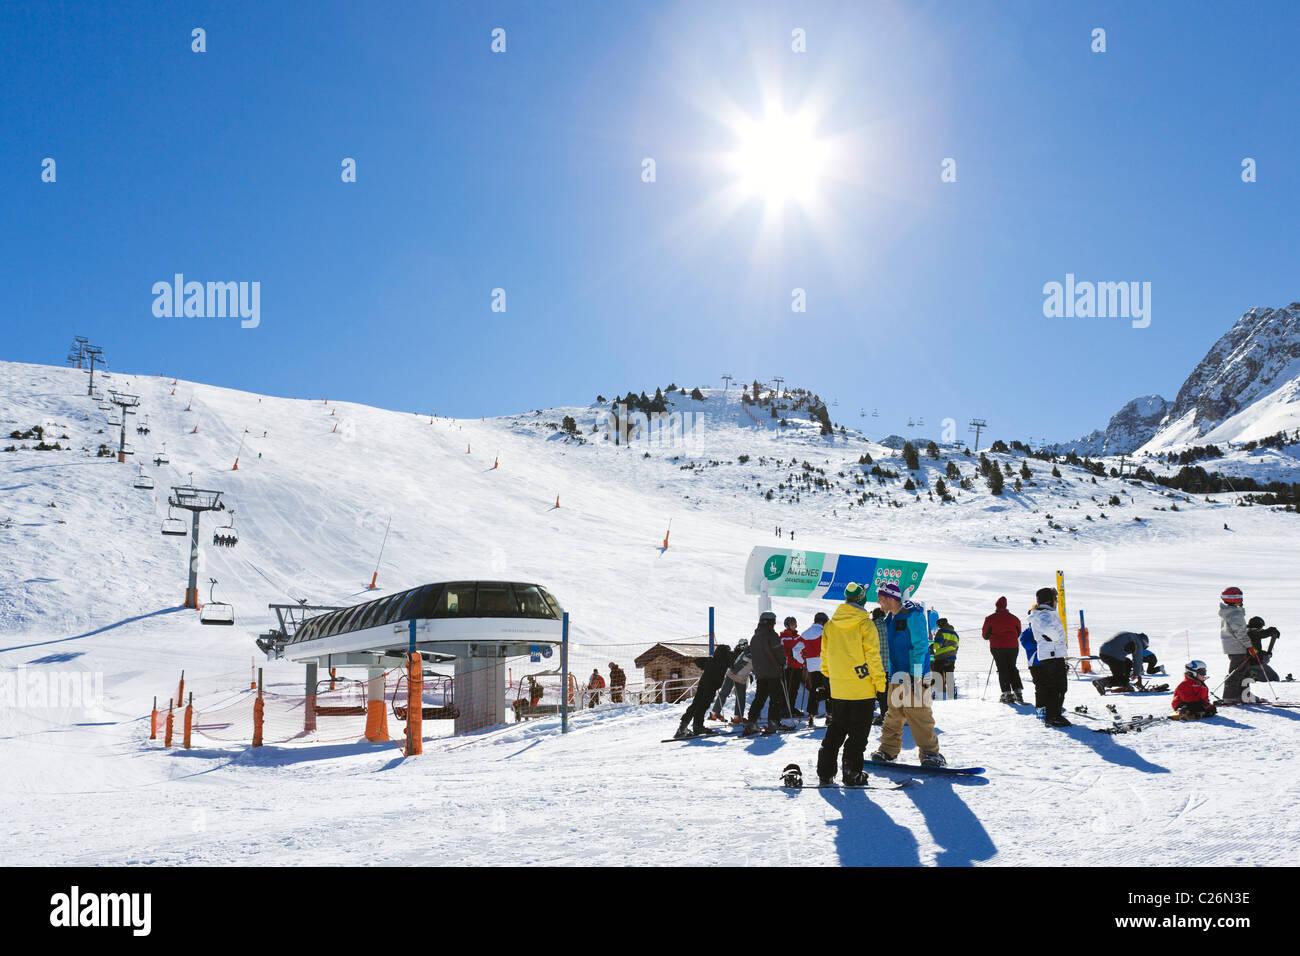 Pistas y remontes de esquí de Grau Roig, Pas de la casa, la zona de esquí de Grandvalira, Andorra Foto de stock